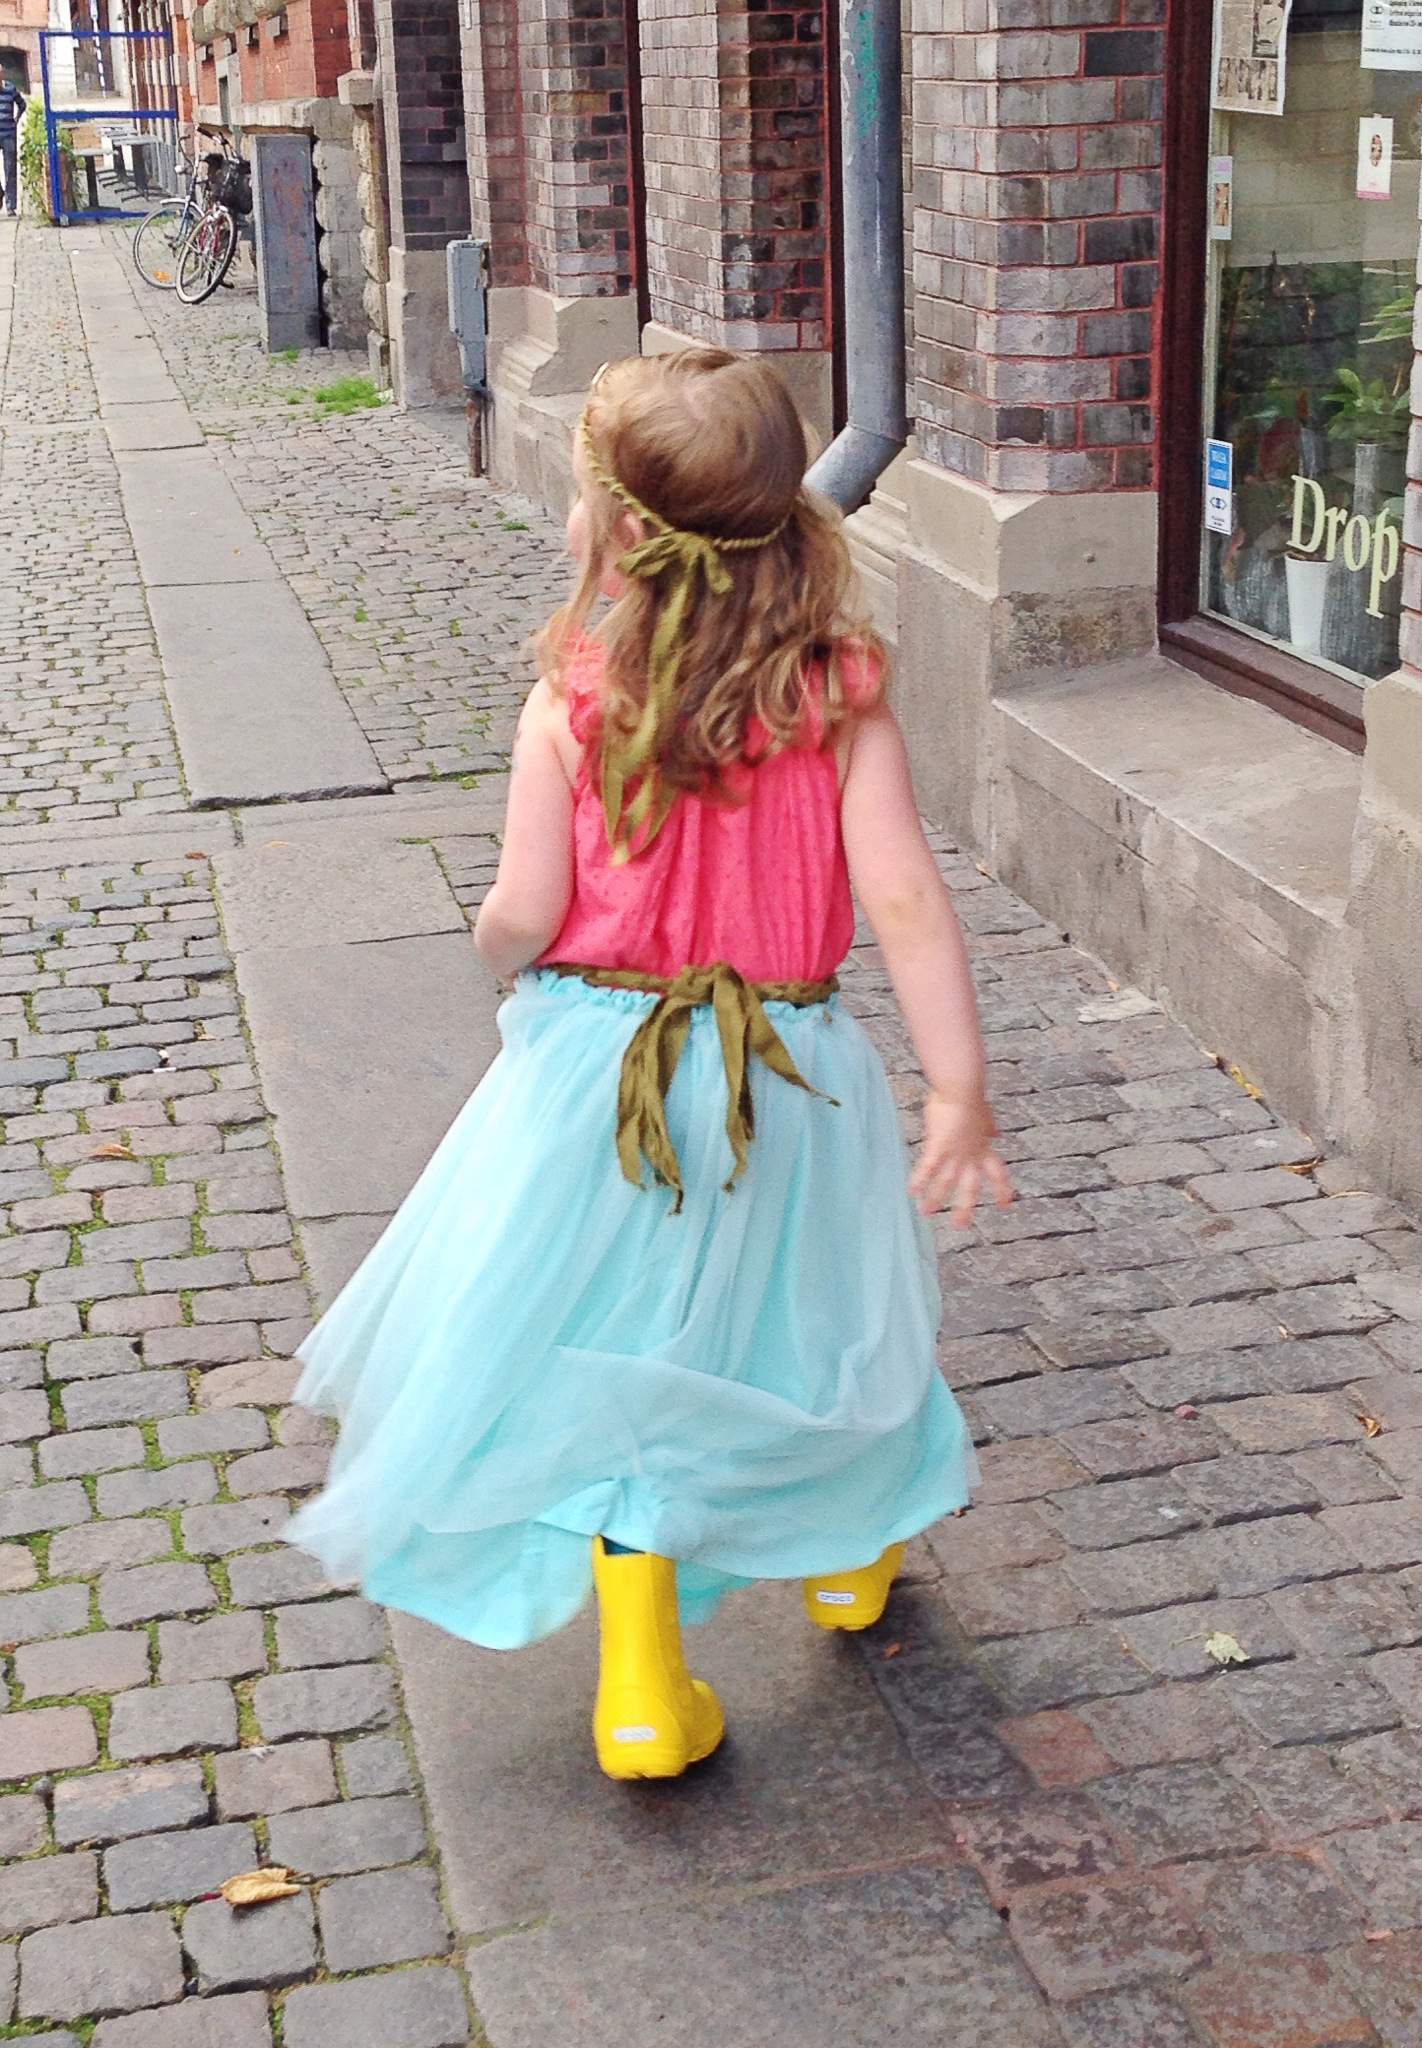 makeshift_mermaid_princess_rainboots_back.JPG